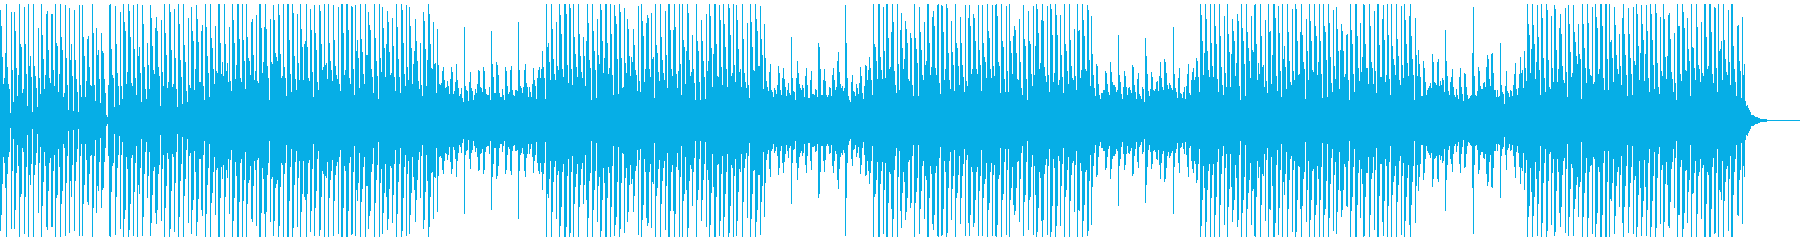 ヒップホップ風 シンセとビート オトナの再生済みの波形